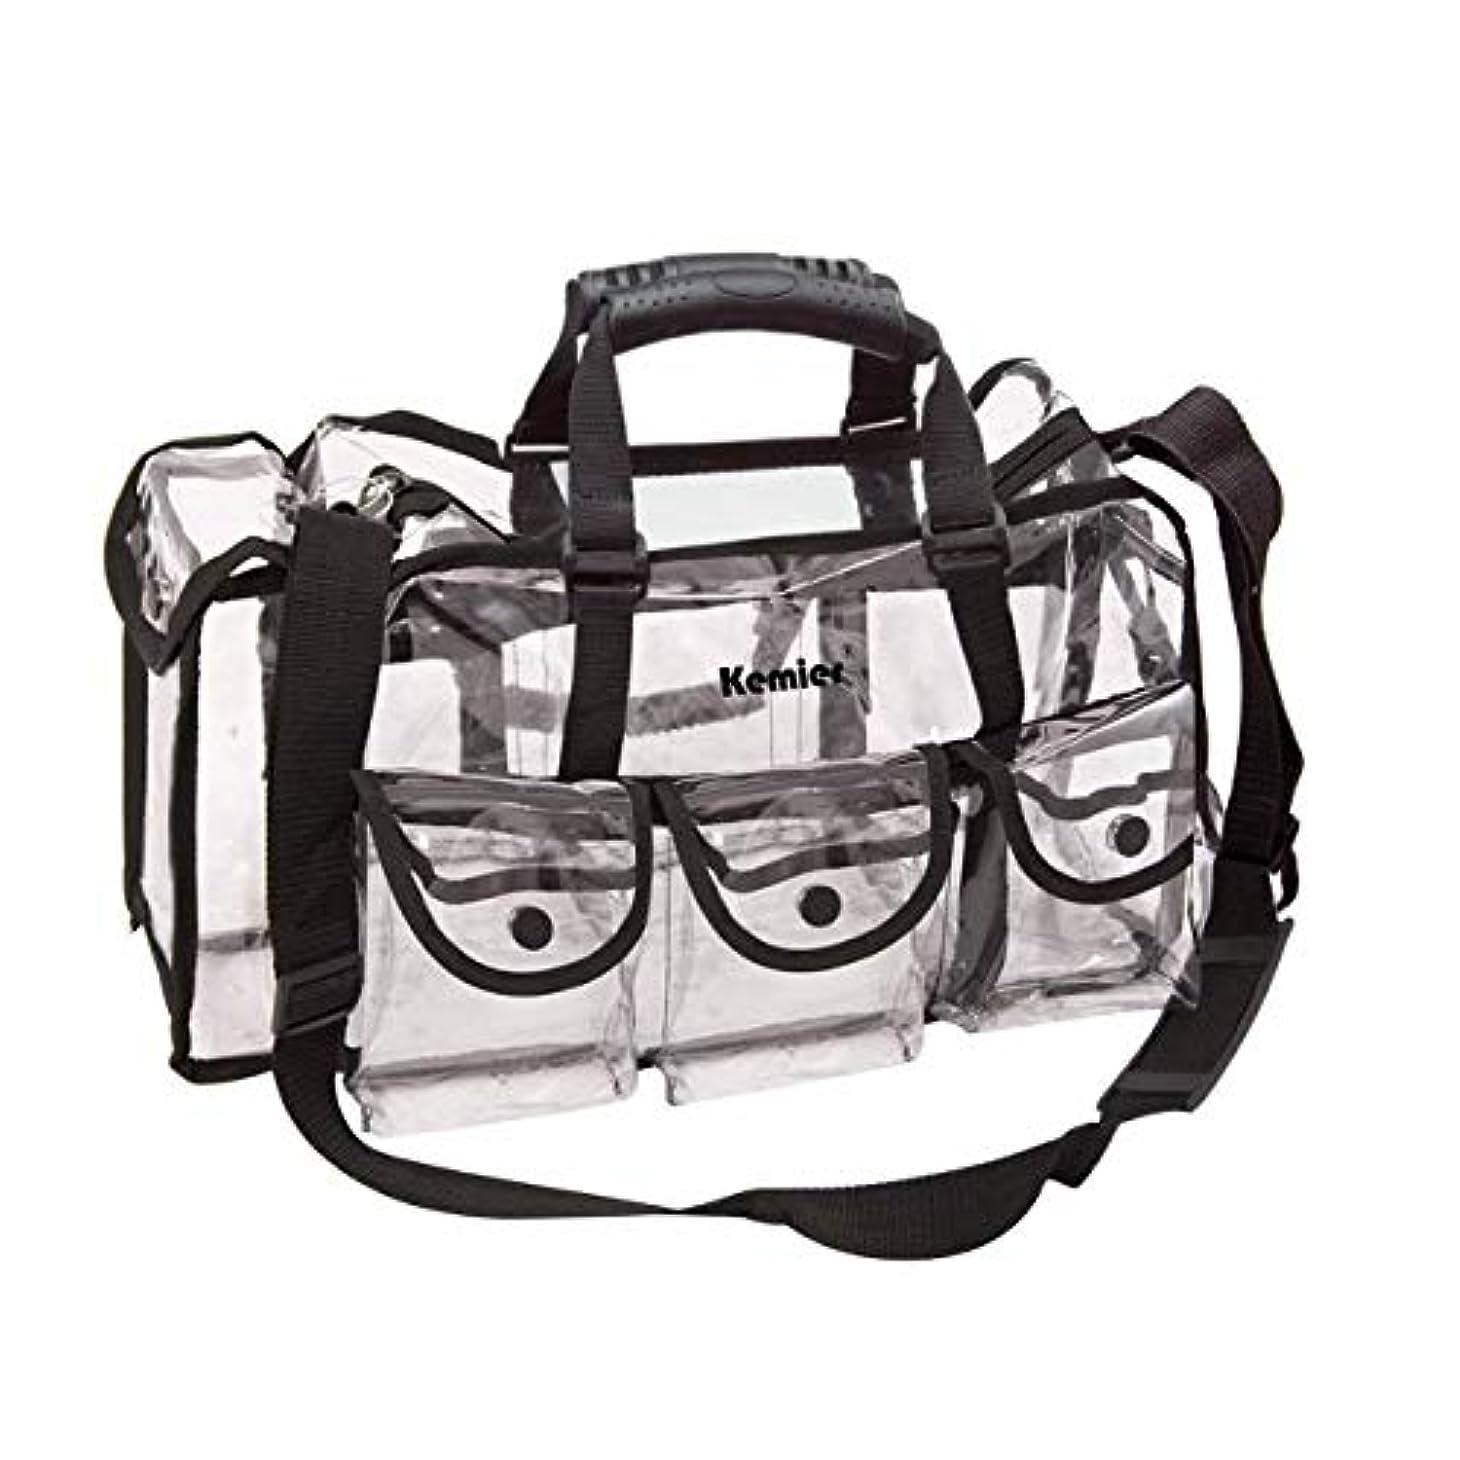 運動する一時的商人Kemier 透明 ハンドバッグ 機能的 コスメポーチ メイクポーチ メイクケース 小物入れ 化粧道具 整理整頓 軽量 防水 旅行 小物入れ 6つの外側ポケット付き